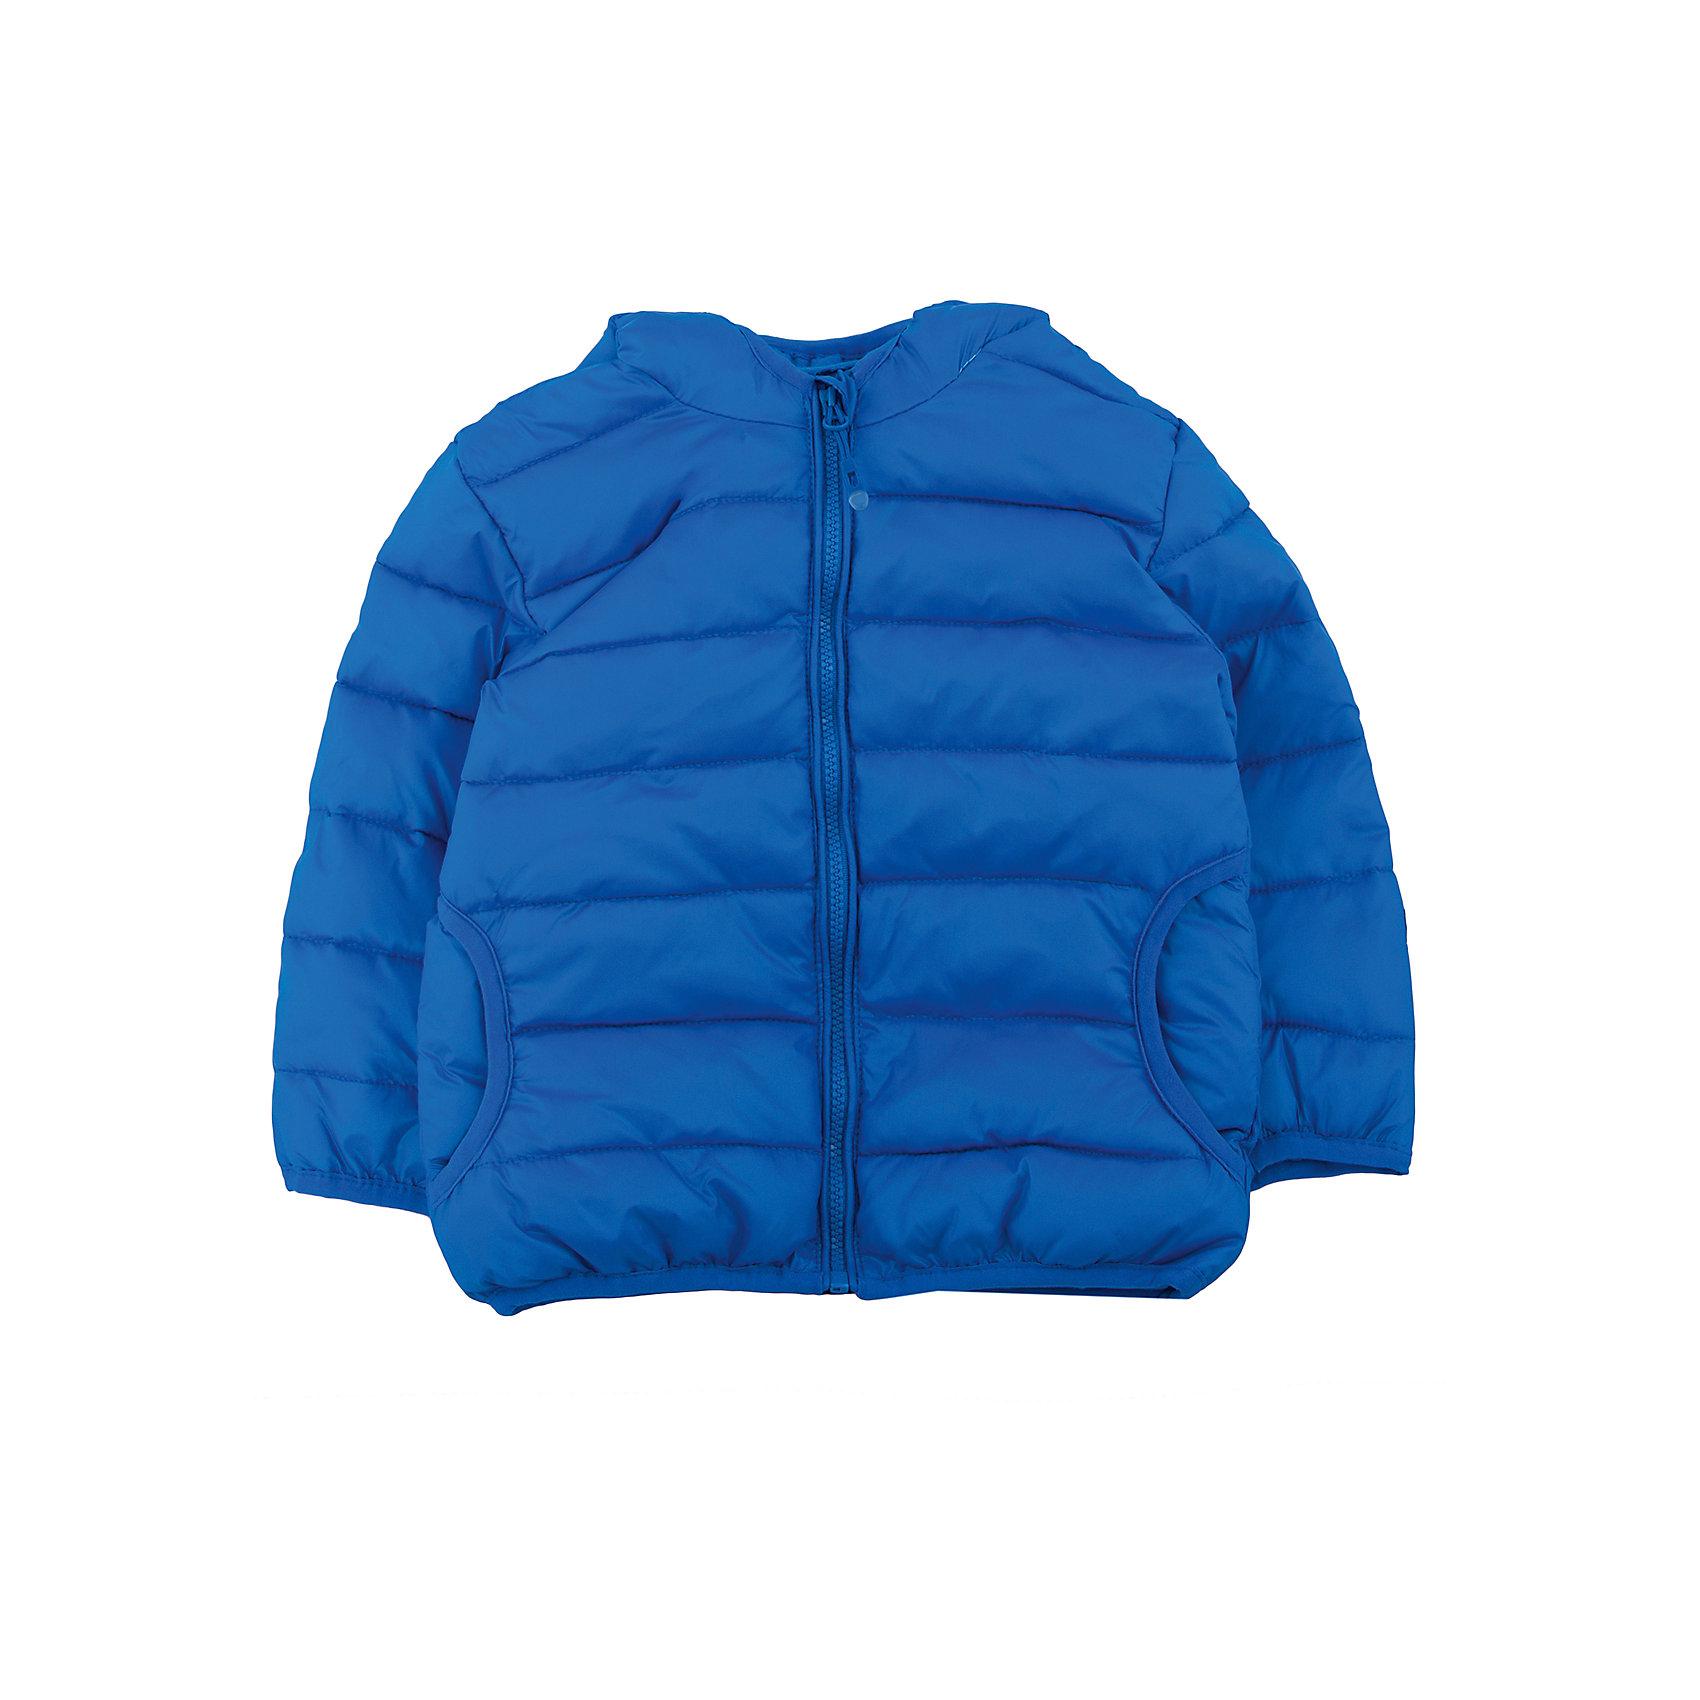 Куртка для мальчика PlayTodayВерхняя одежда<br>Куртка для мальчика от известного бренда PlayToday.<br>Яркая стеганая куртка для мальчика. Внутри уютная хлопковая подкладка. Застегивается на молнию с защитой подбородка и фигурным пуллером. Капюшон, рукава и низ на мягкой резиночке.<br>Состав:<br>Верх: 100% нейлон, подкладка: 65% хлопок, 35% полиэстер, Утеплитель: 100% полиэстер, 120 г/м2<br><br>Ширина мм: 157<br>Глубина мм: 13<br>Высота мм: 119<br>Вес г: 200<br>Цвет: синий<br>Возраст от месяцев: 6<br>Возраст до месяцев: 9<br>Пол: Мужской<br>Возраст: Детский<br>Размер: 74,86,92,80<br>SKU: 4900359